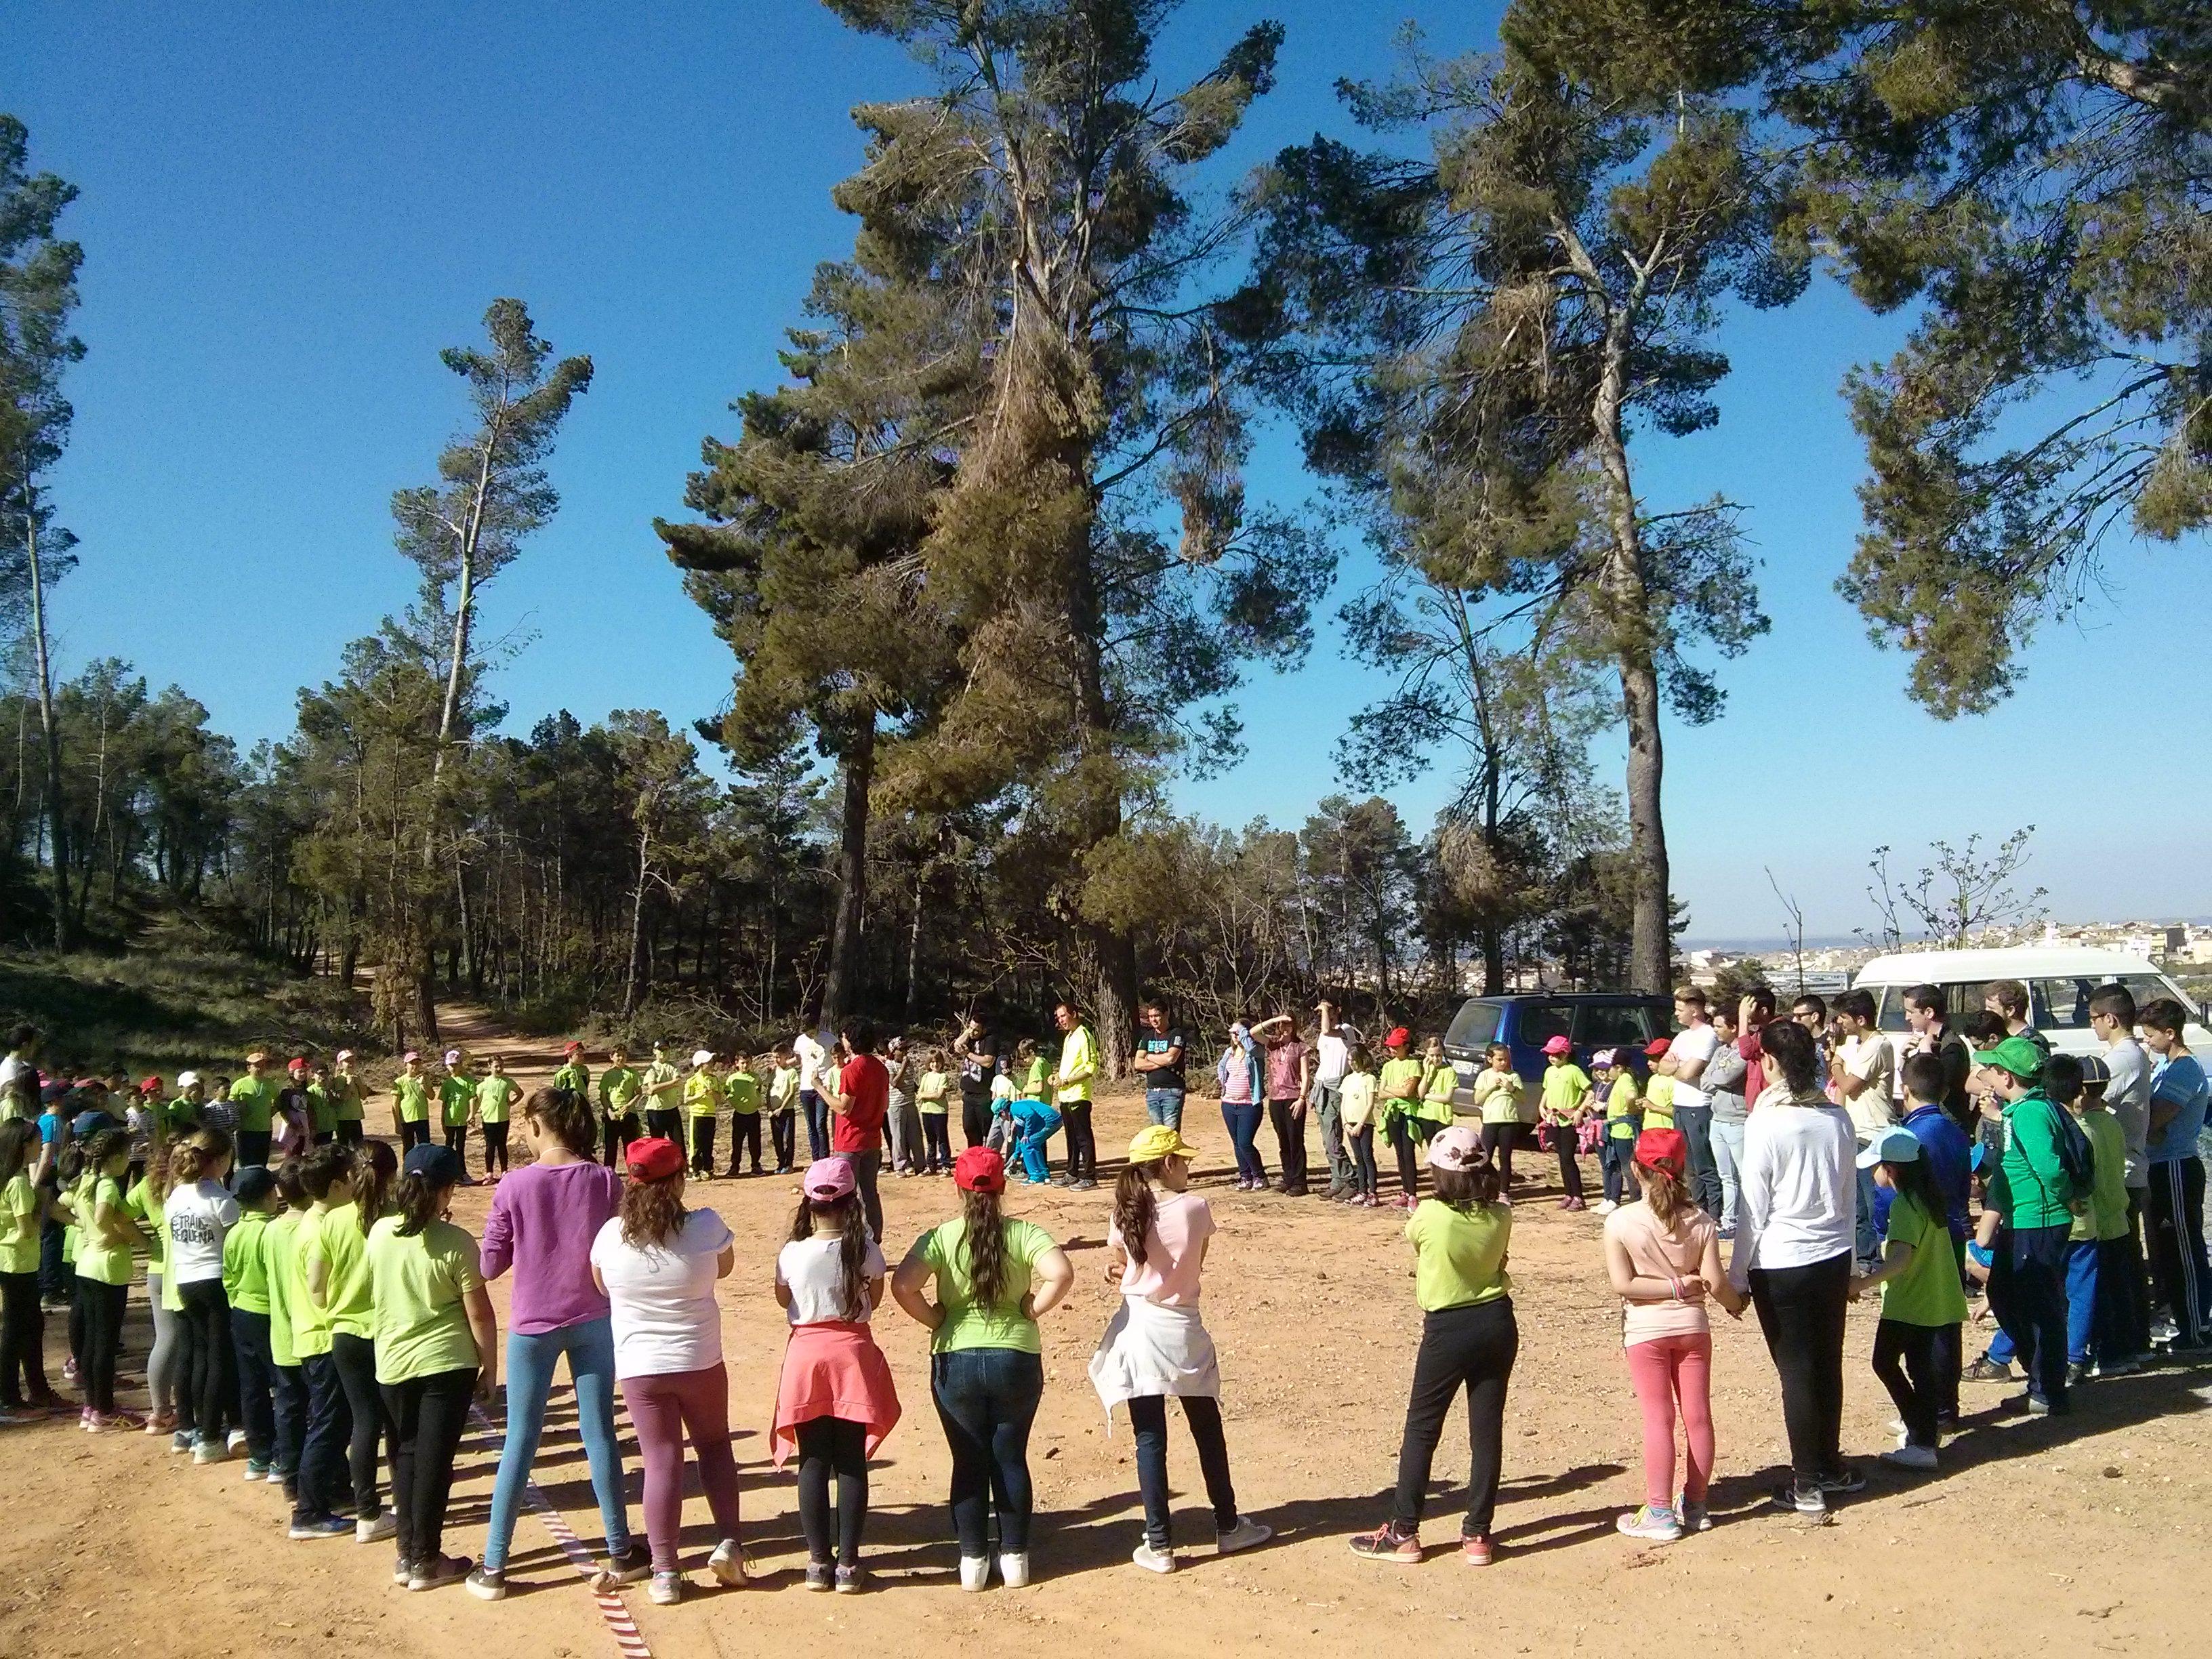 Finalmente fueron 90 niños de 8 y 9 años, acompañados de 25 alumnos de la Escuela de Viticultura, quienes disfrutaron de una soleada mañana.